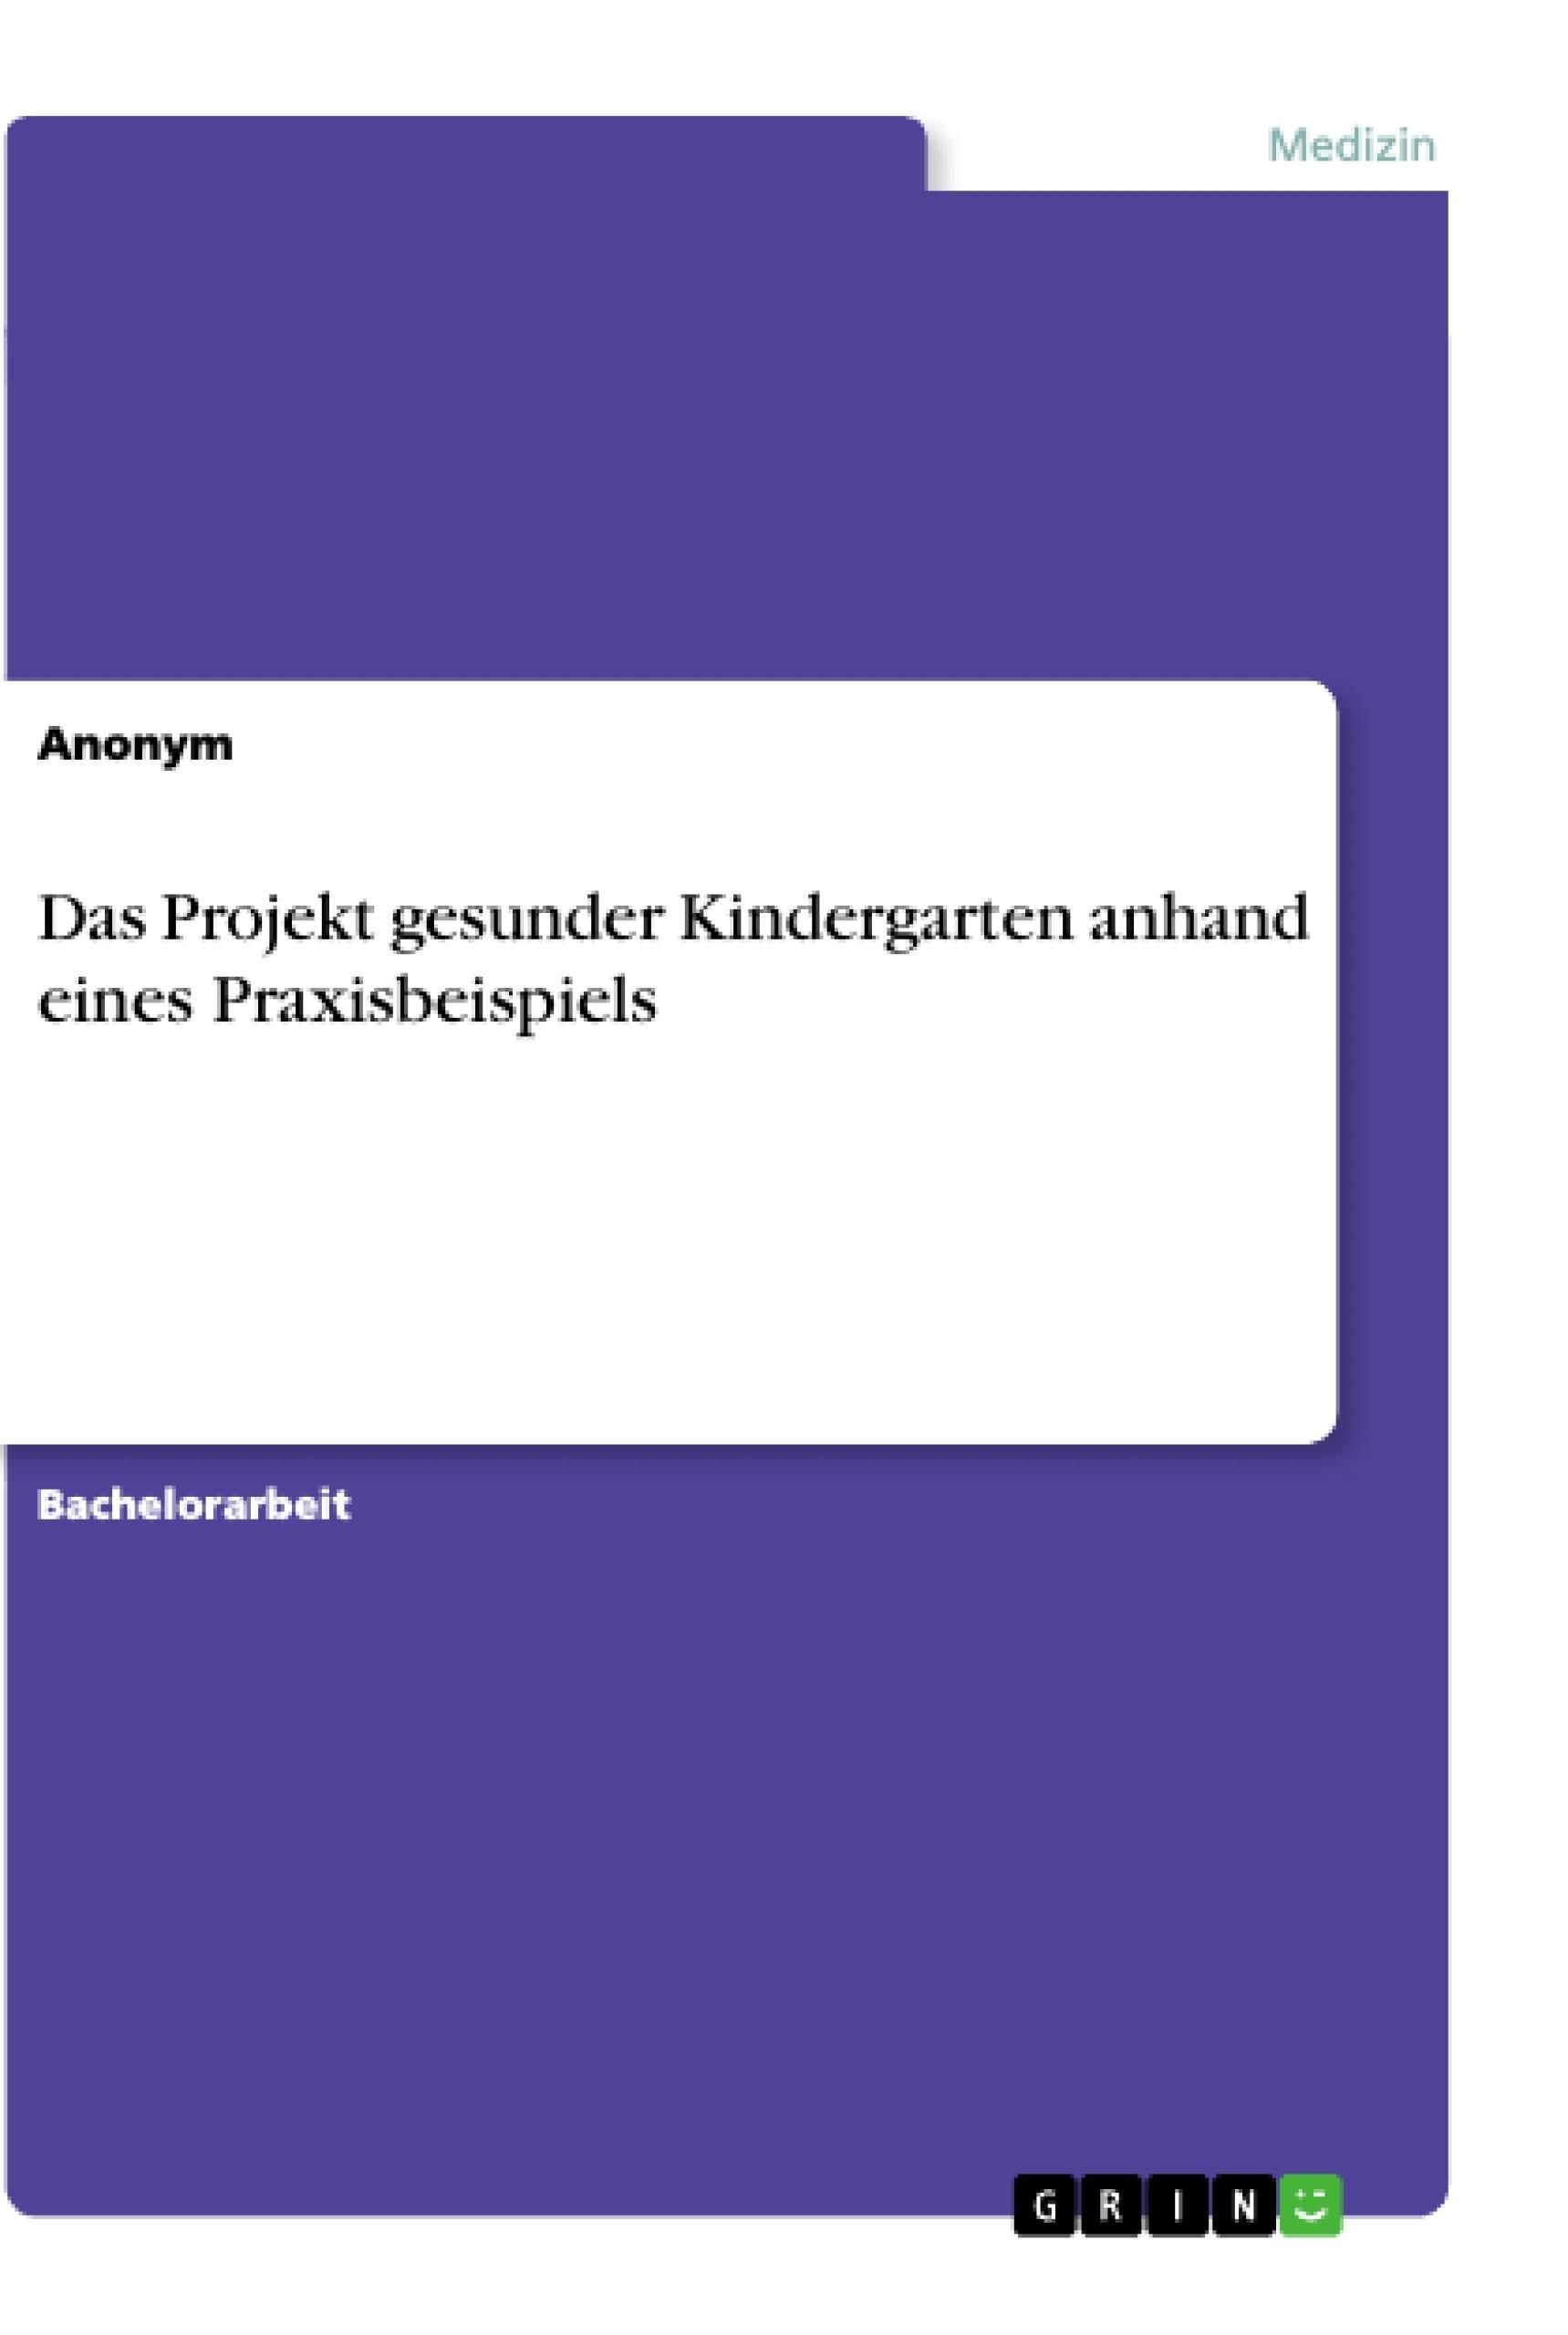 Titel: Das Projekt gesunder Kindergarten anhand eines Praxisbeispiels